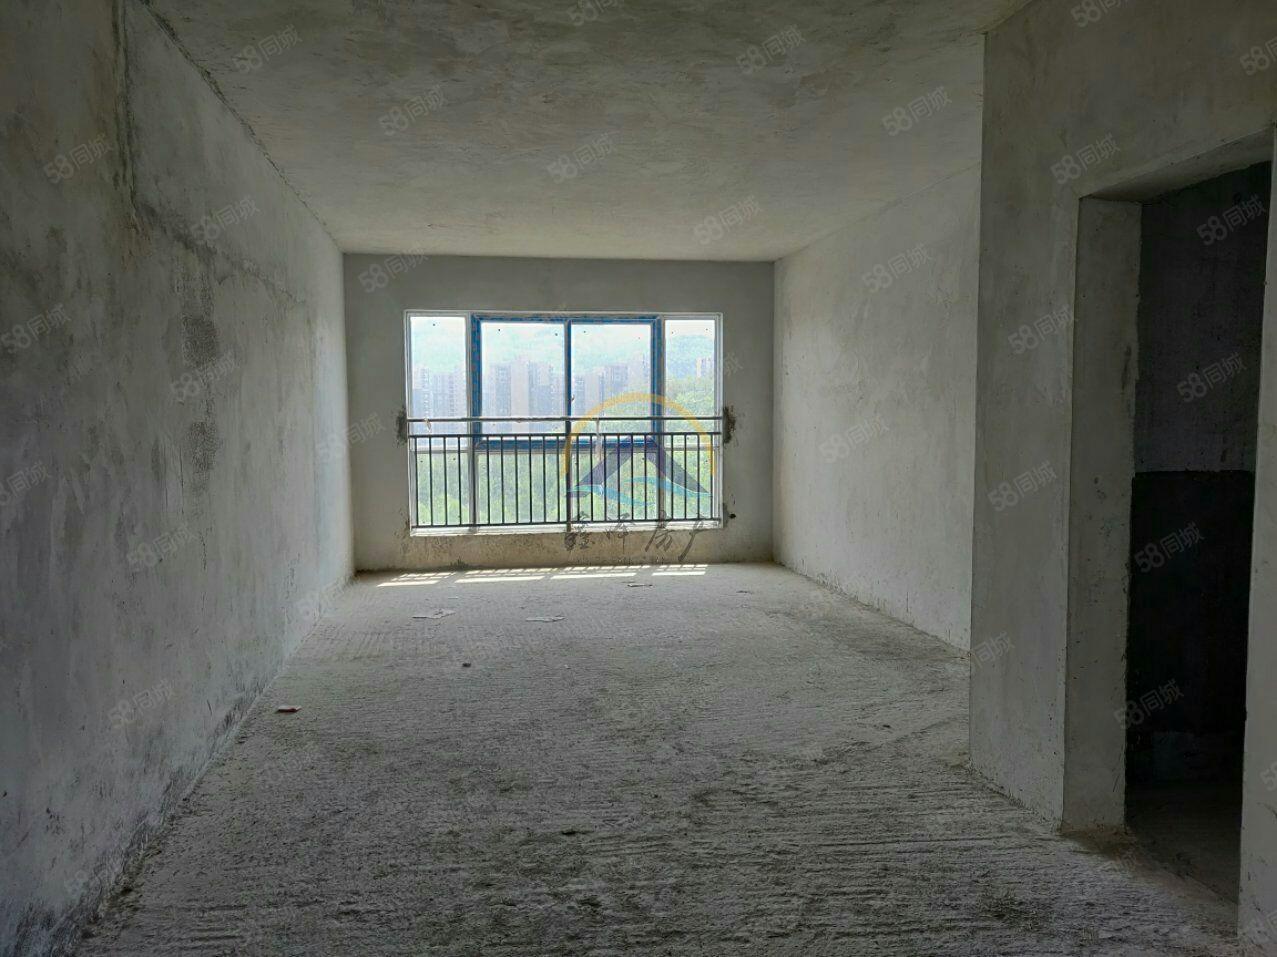 瑞丰新城4室2厅2卫采光通透户型方正价钱实惠方便看房